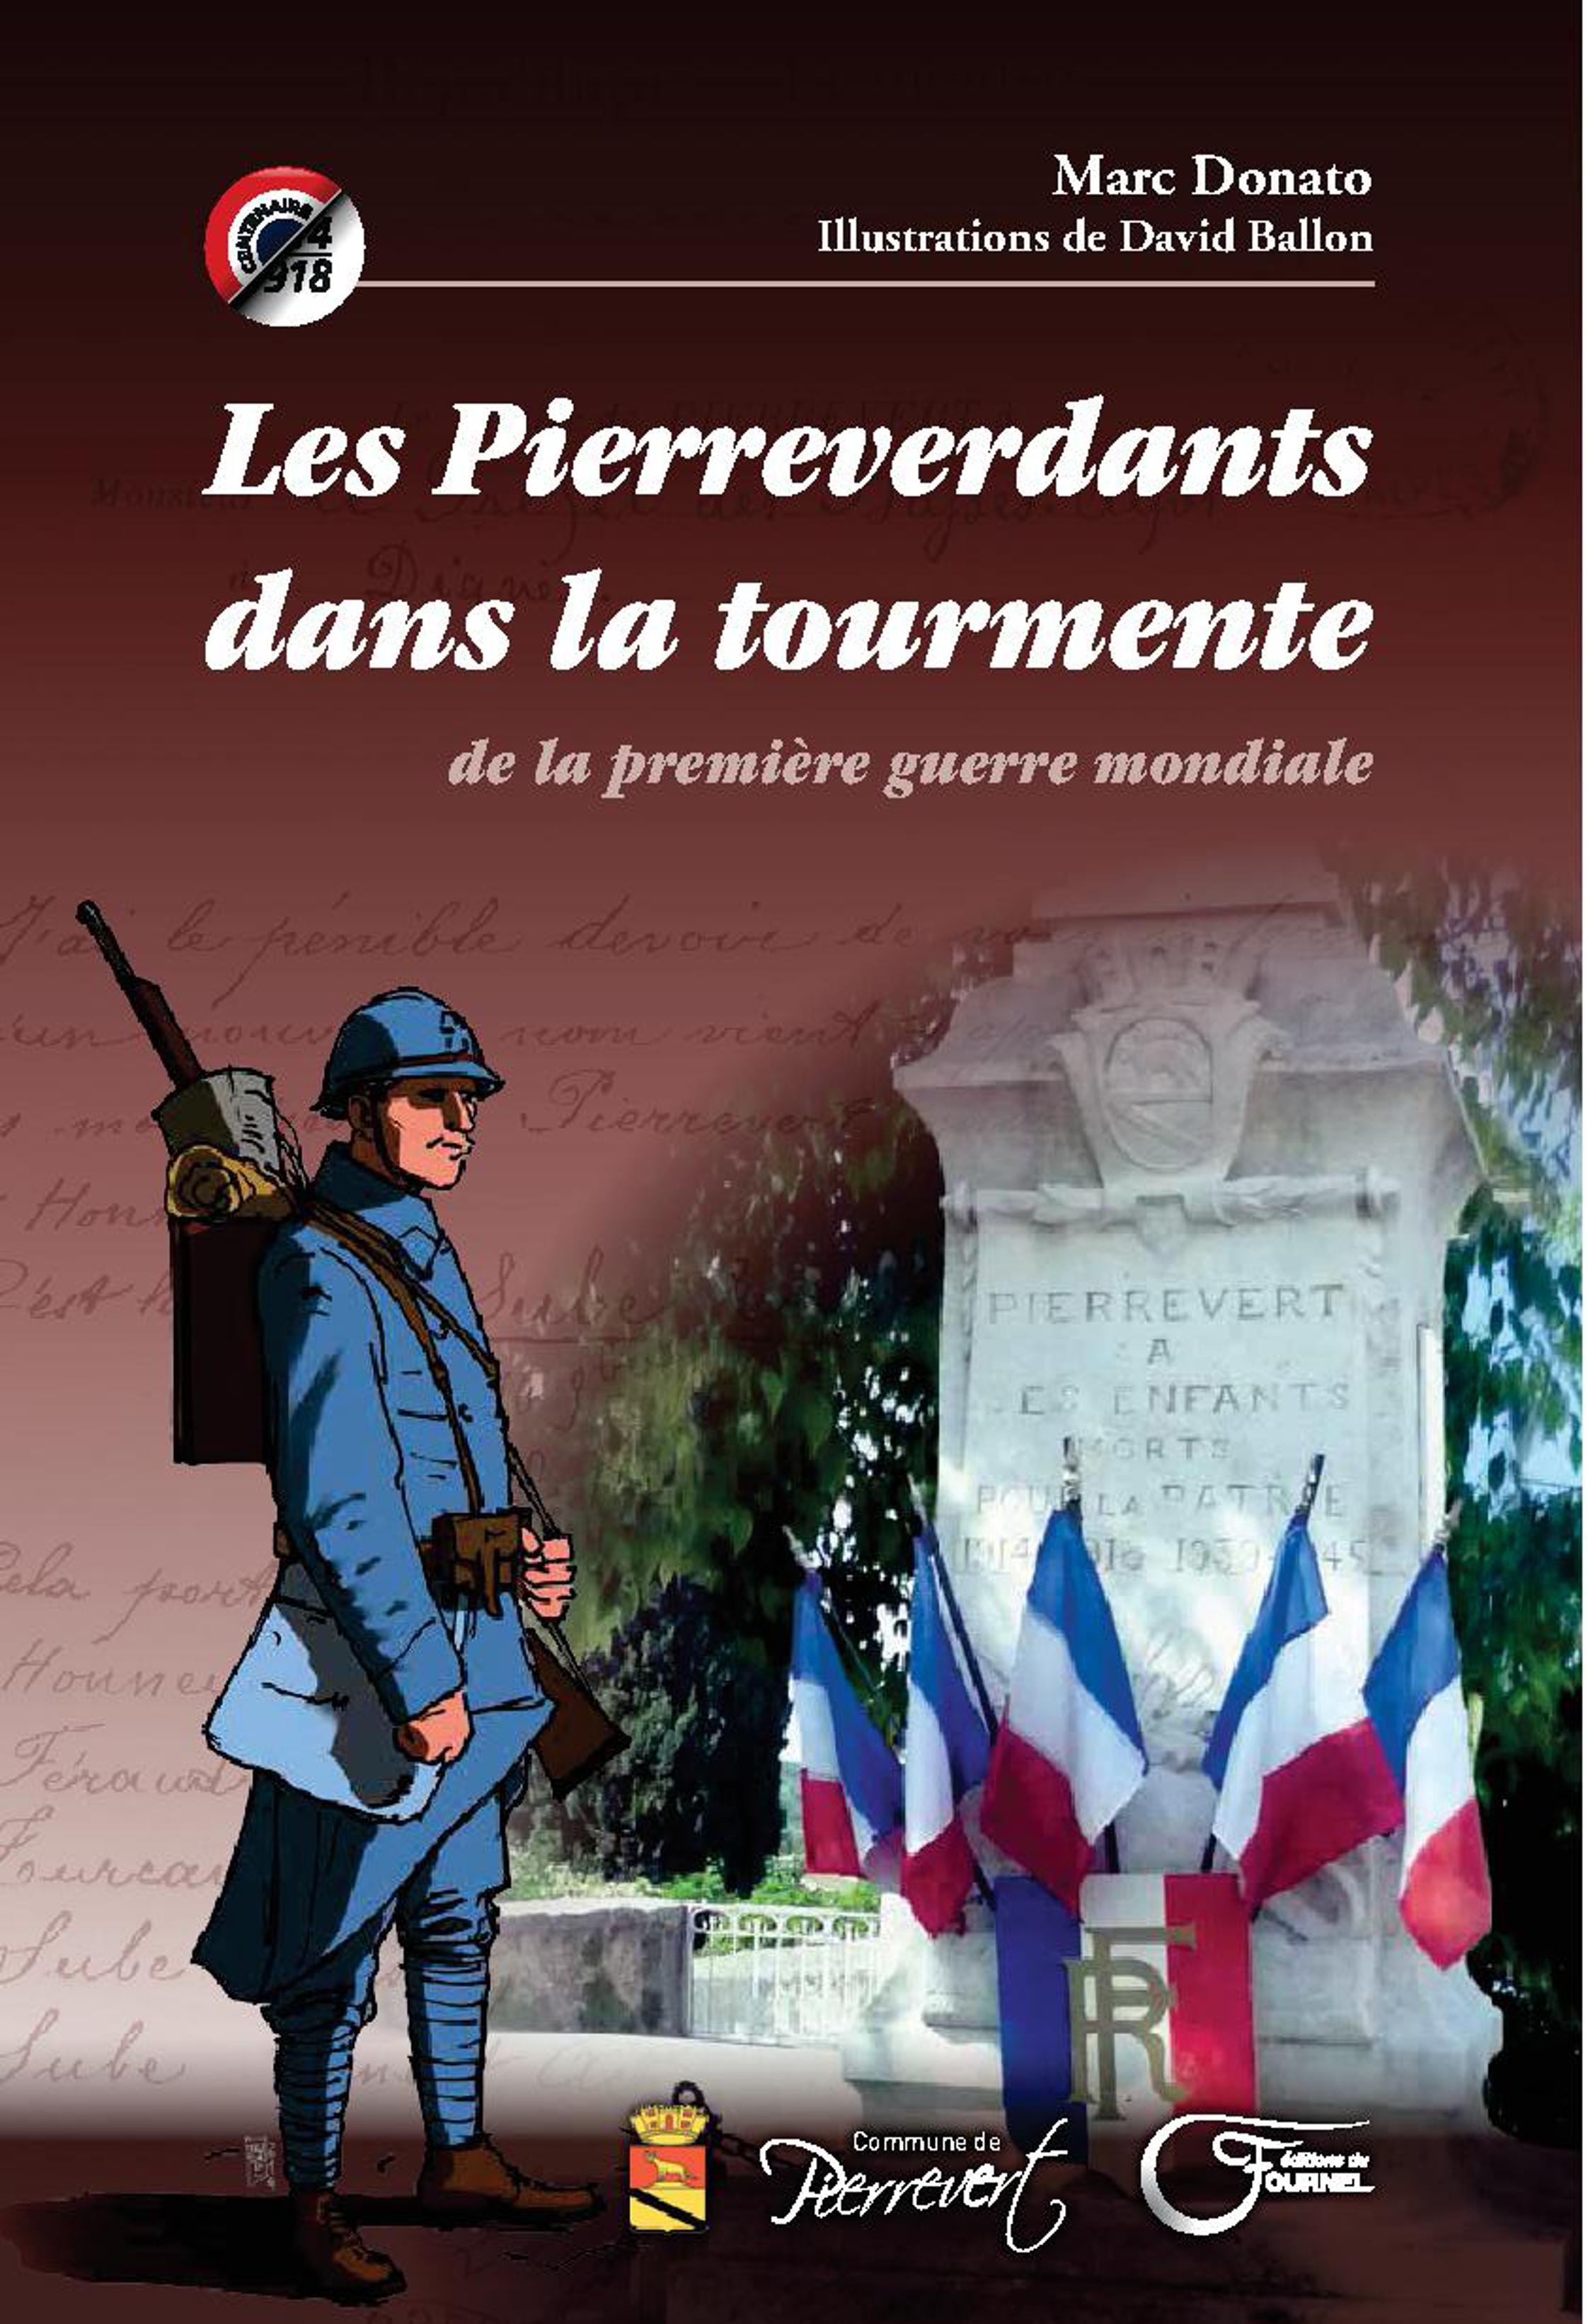 Un livre pour rendre hommage aux Pierreverdants morts ou blessés en 14/18